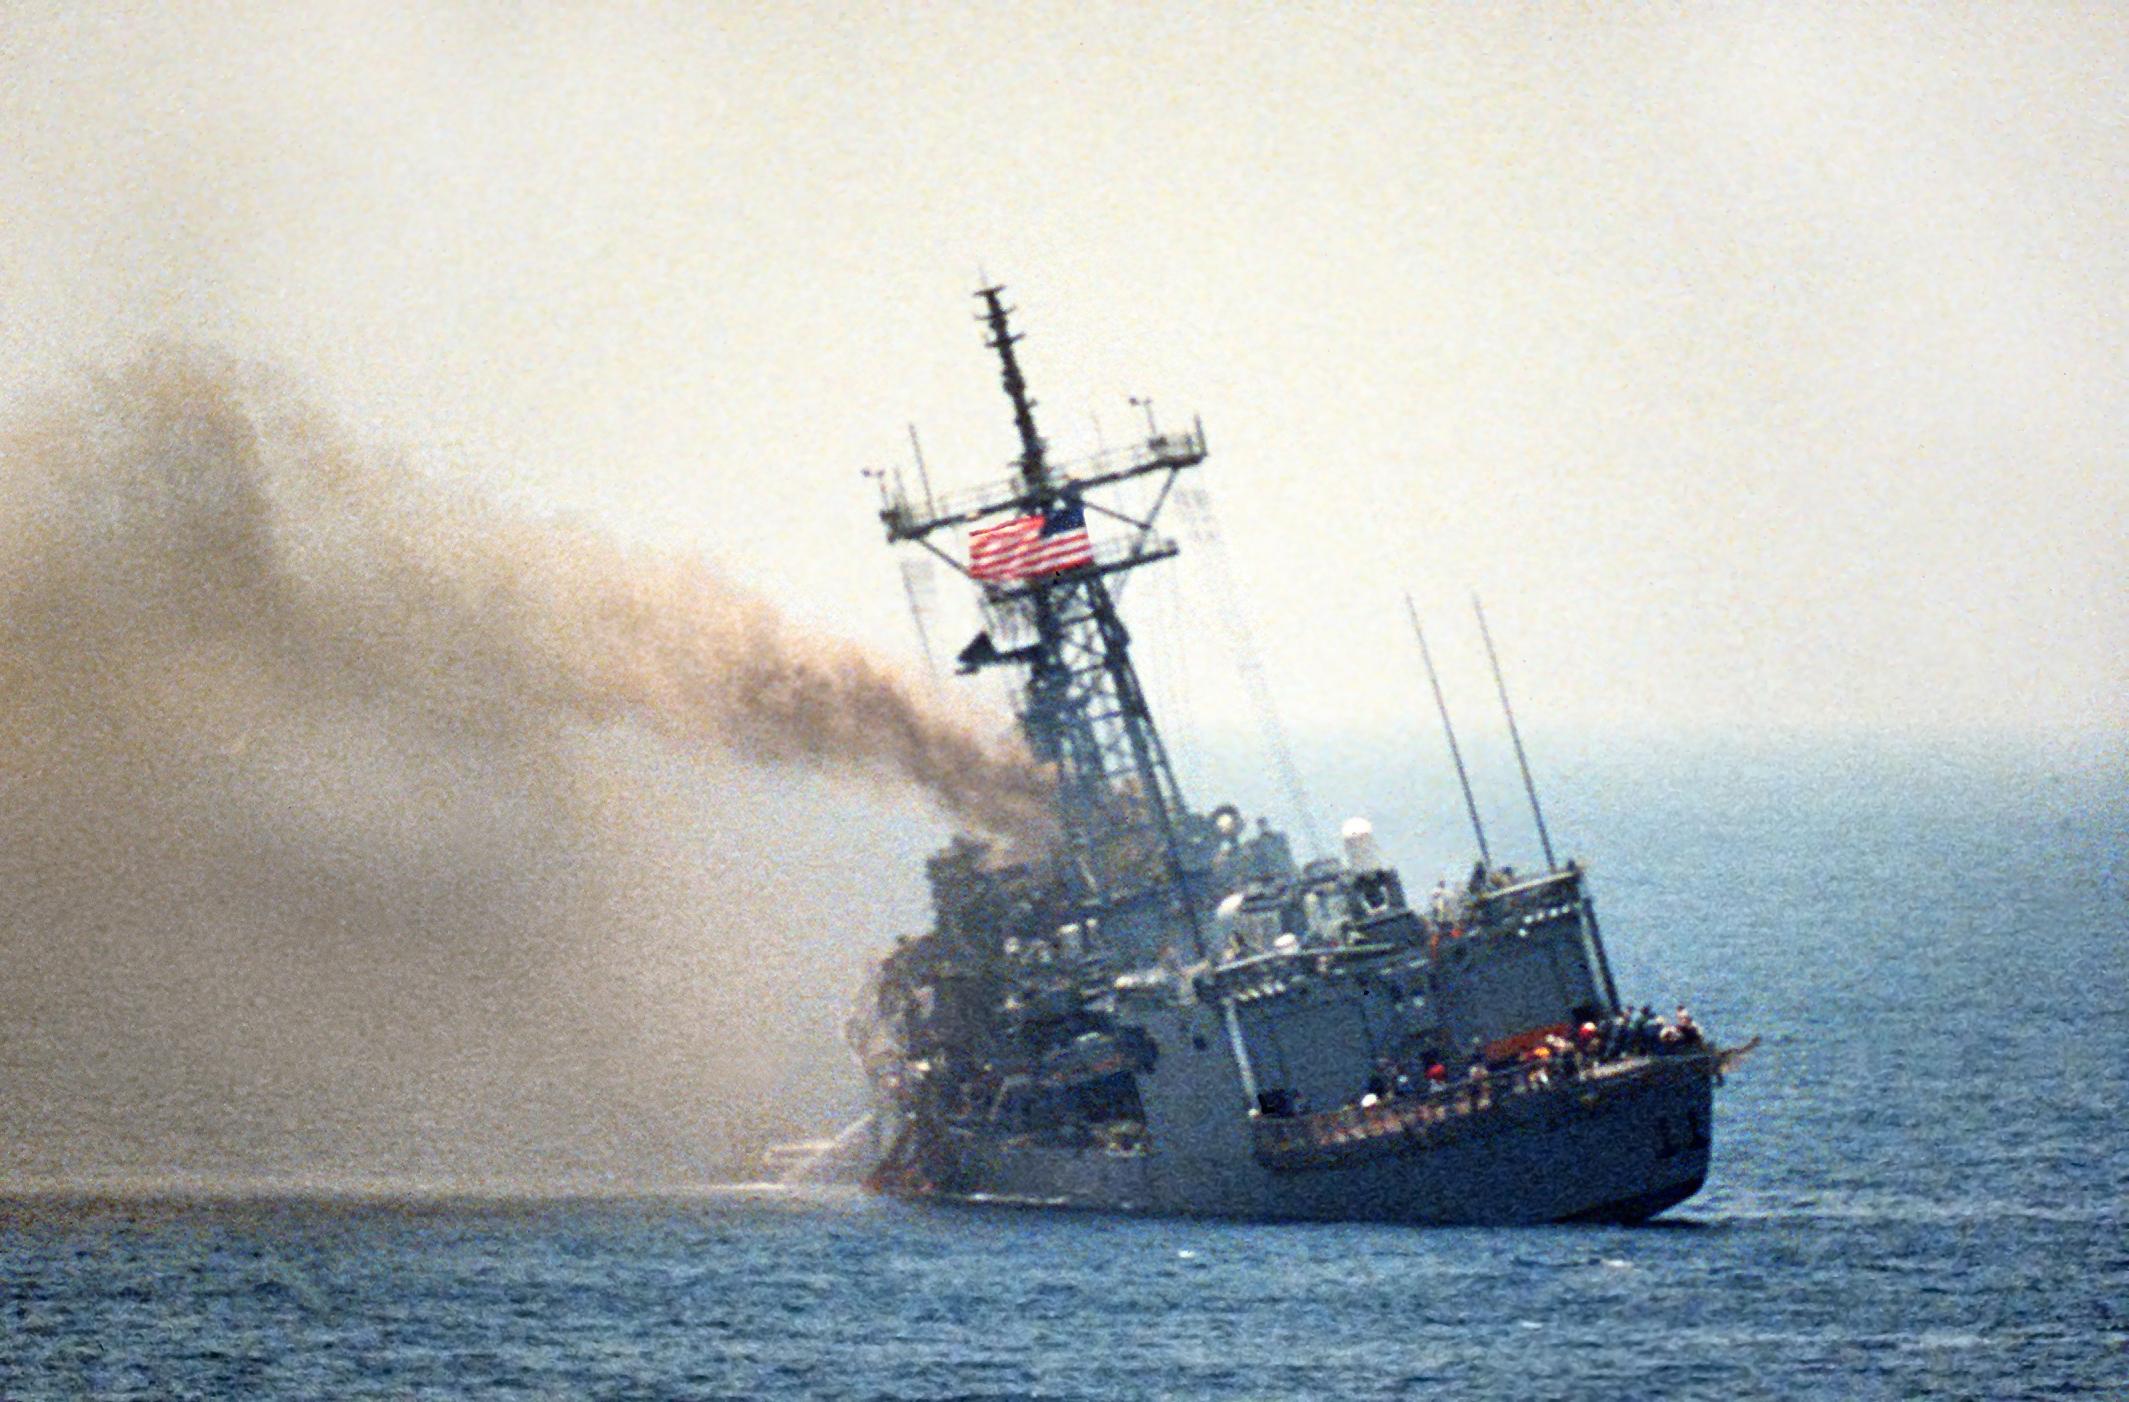 фрикадельки тонет американский корабль фото того, как